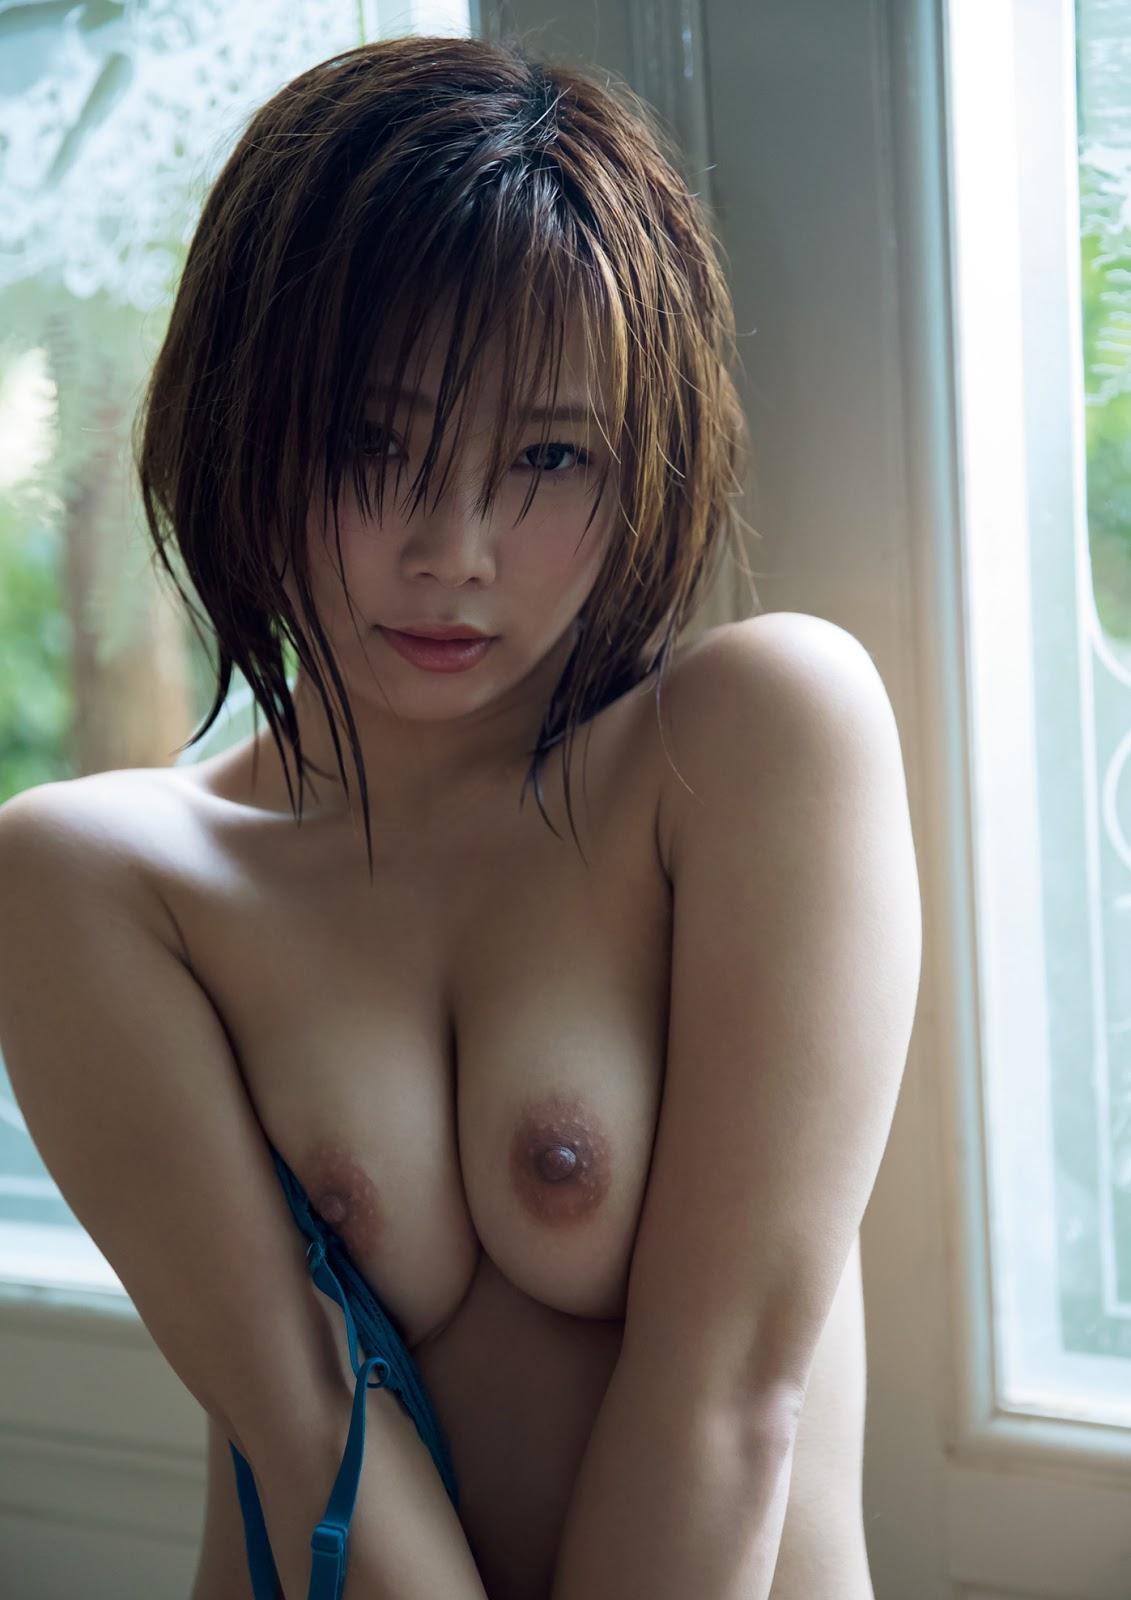 三次元 3次元 エロ画像 AV女優 紗倉まな ヌード べっぴん娘通信 001